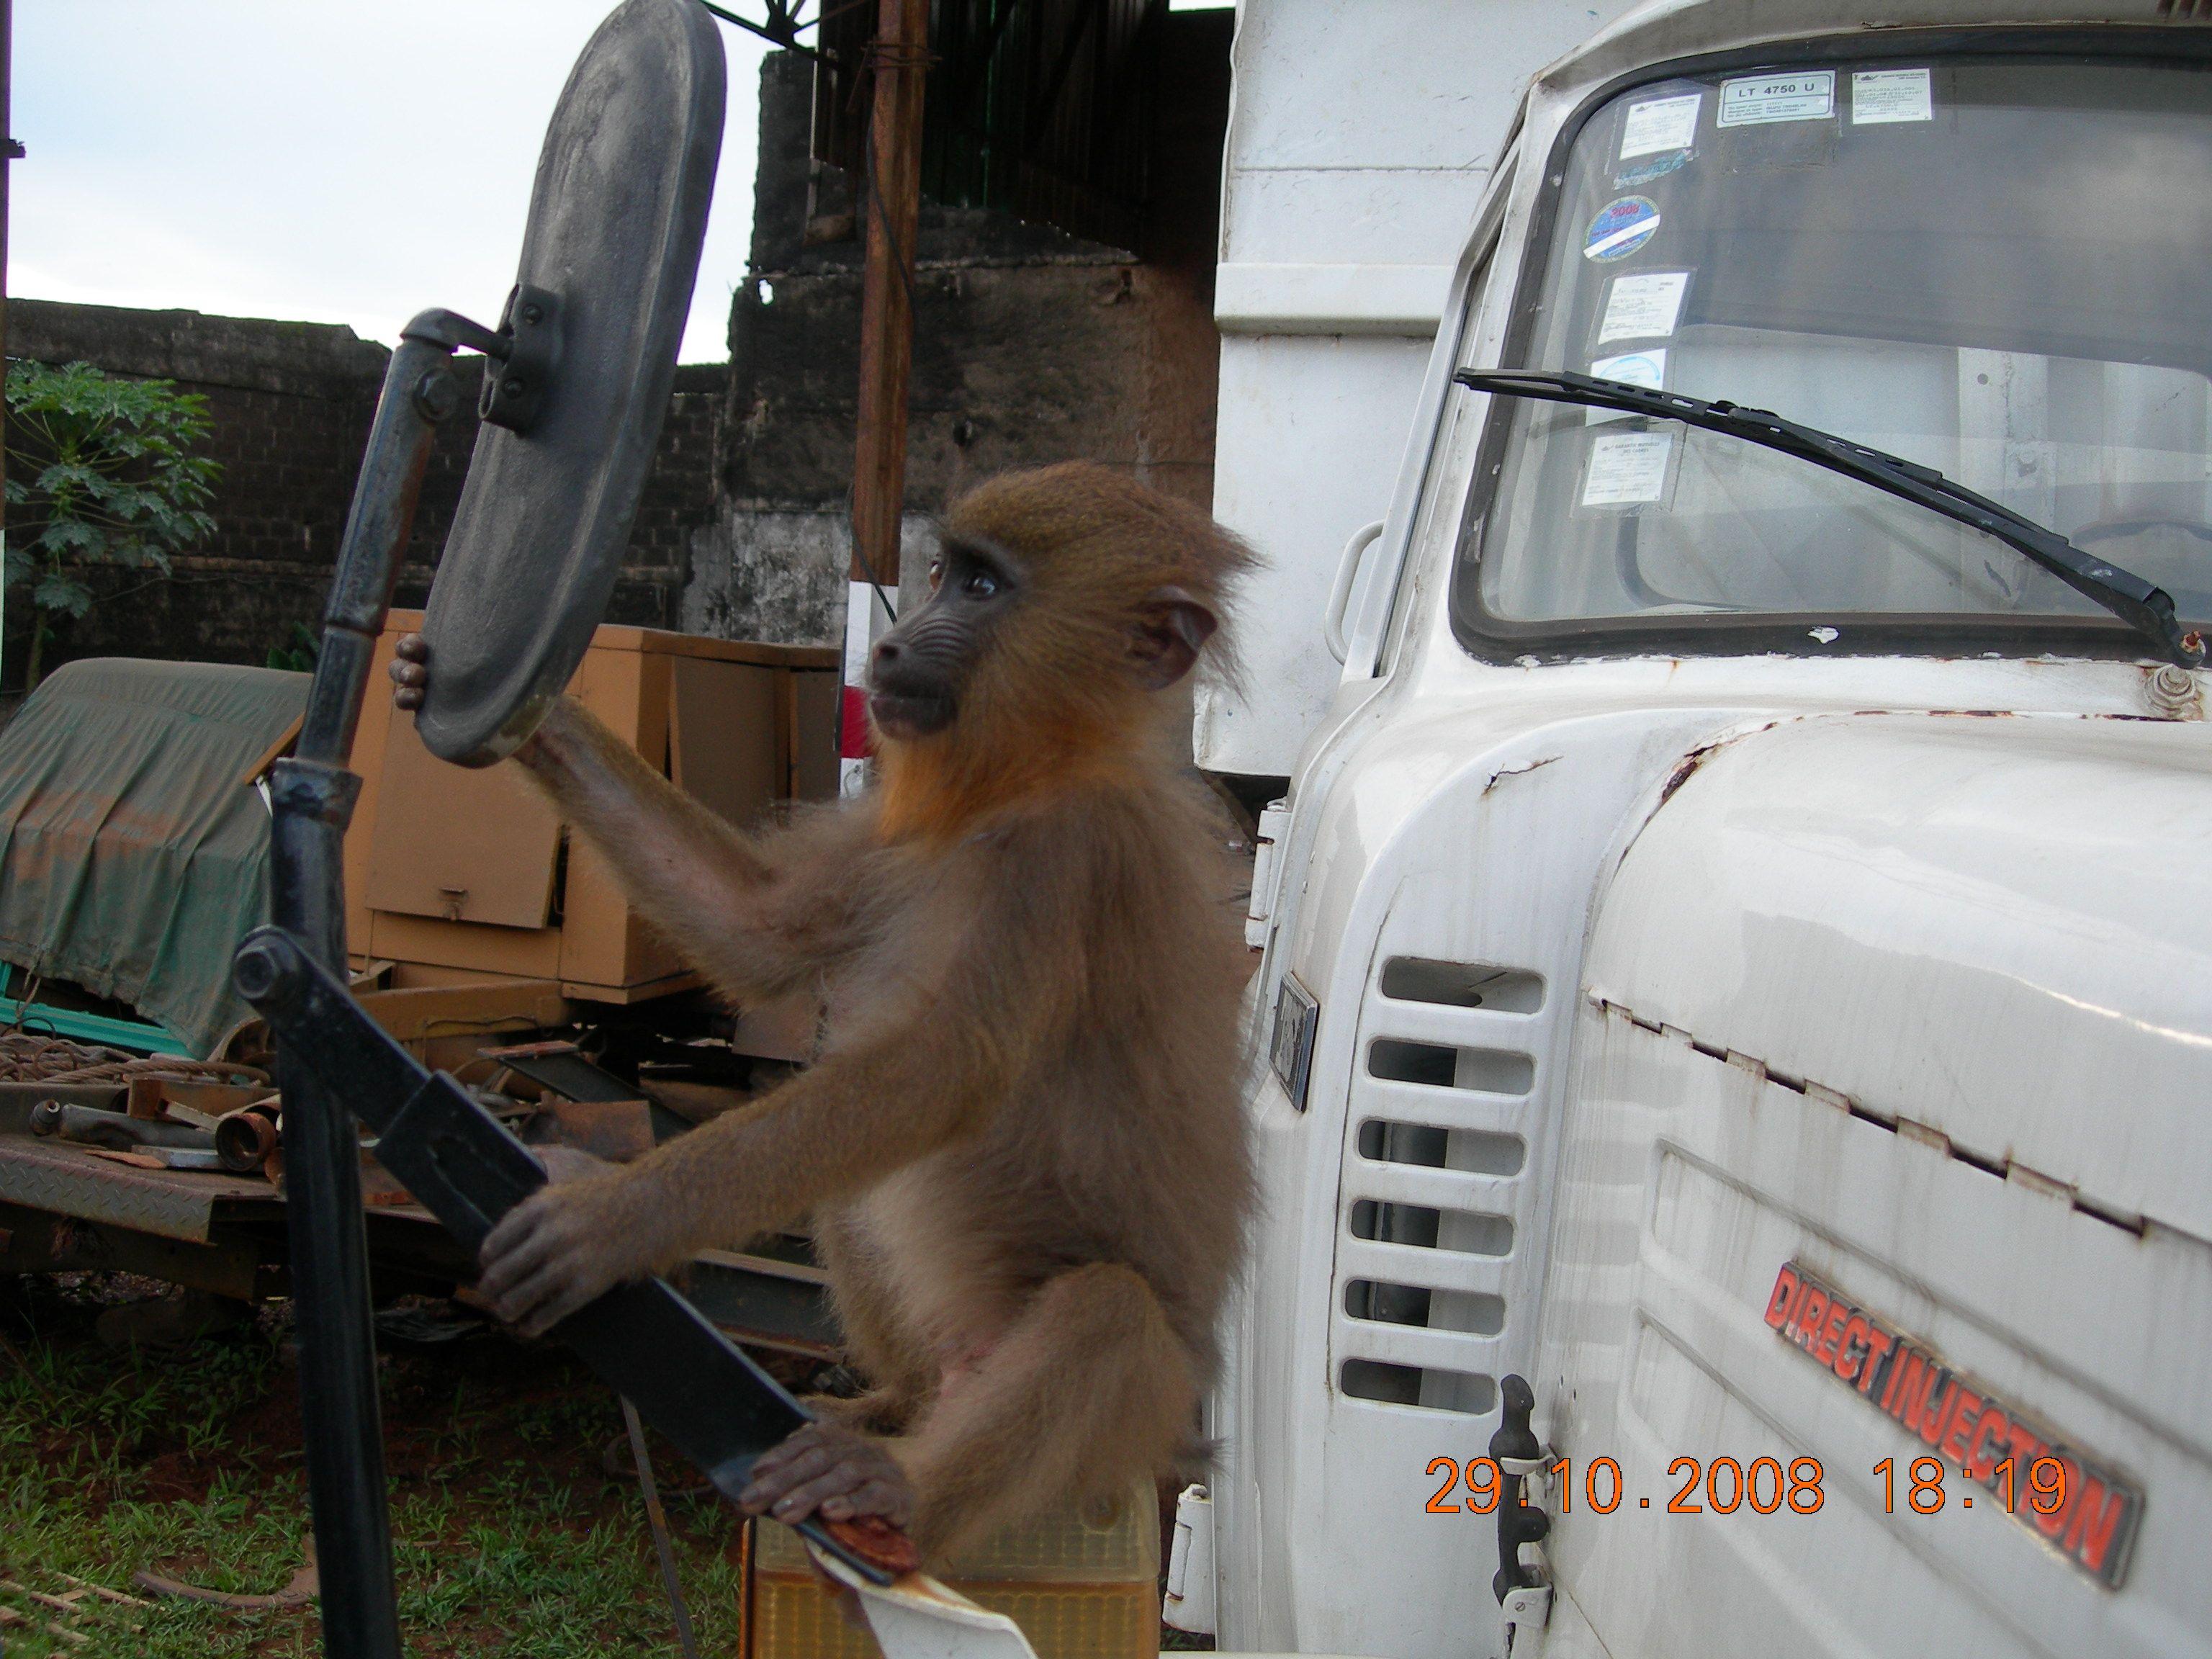 Afrique un grand a comme africacool page 6 for Je ris de me voir si belle en ce miroir